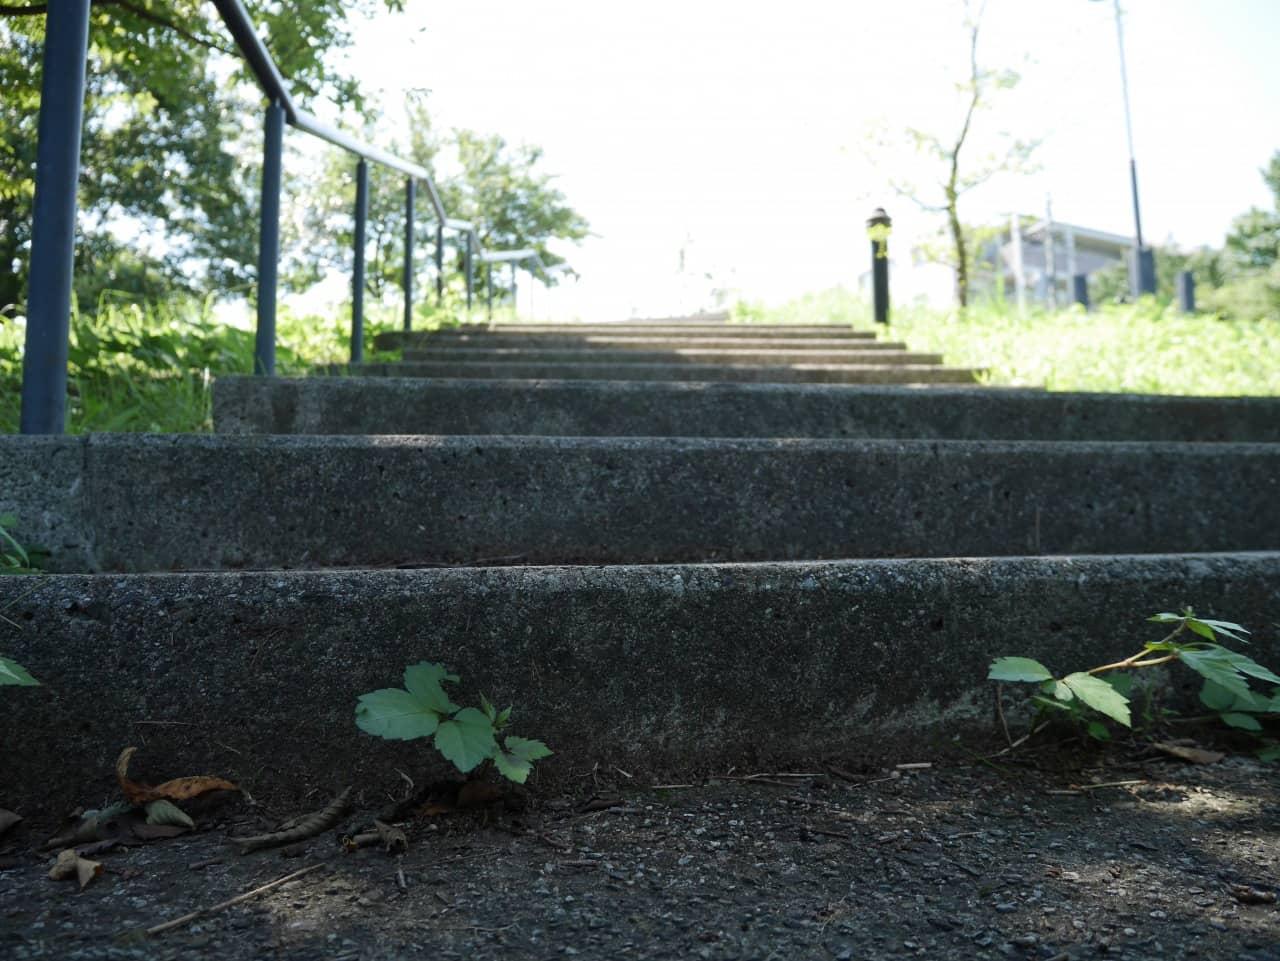 自然公園の階段。手前が暗くて向こうに行くと明るくなるのが何だか良い感じ。でもちょっと暗すぎるかな?